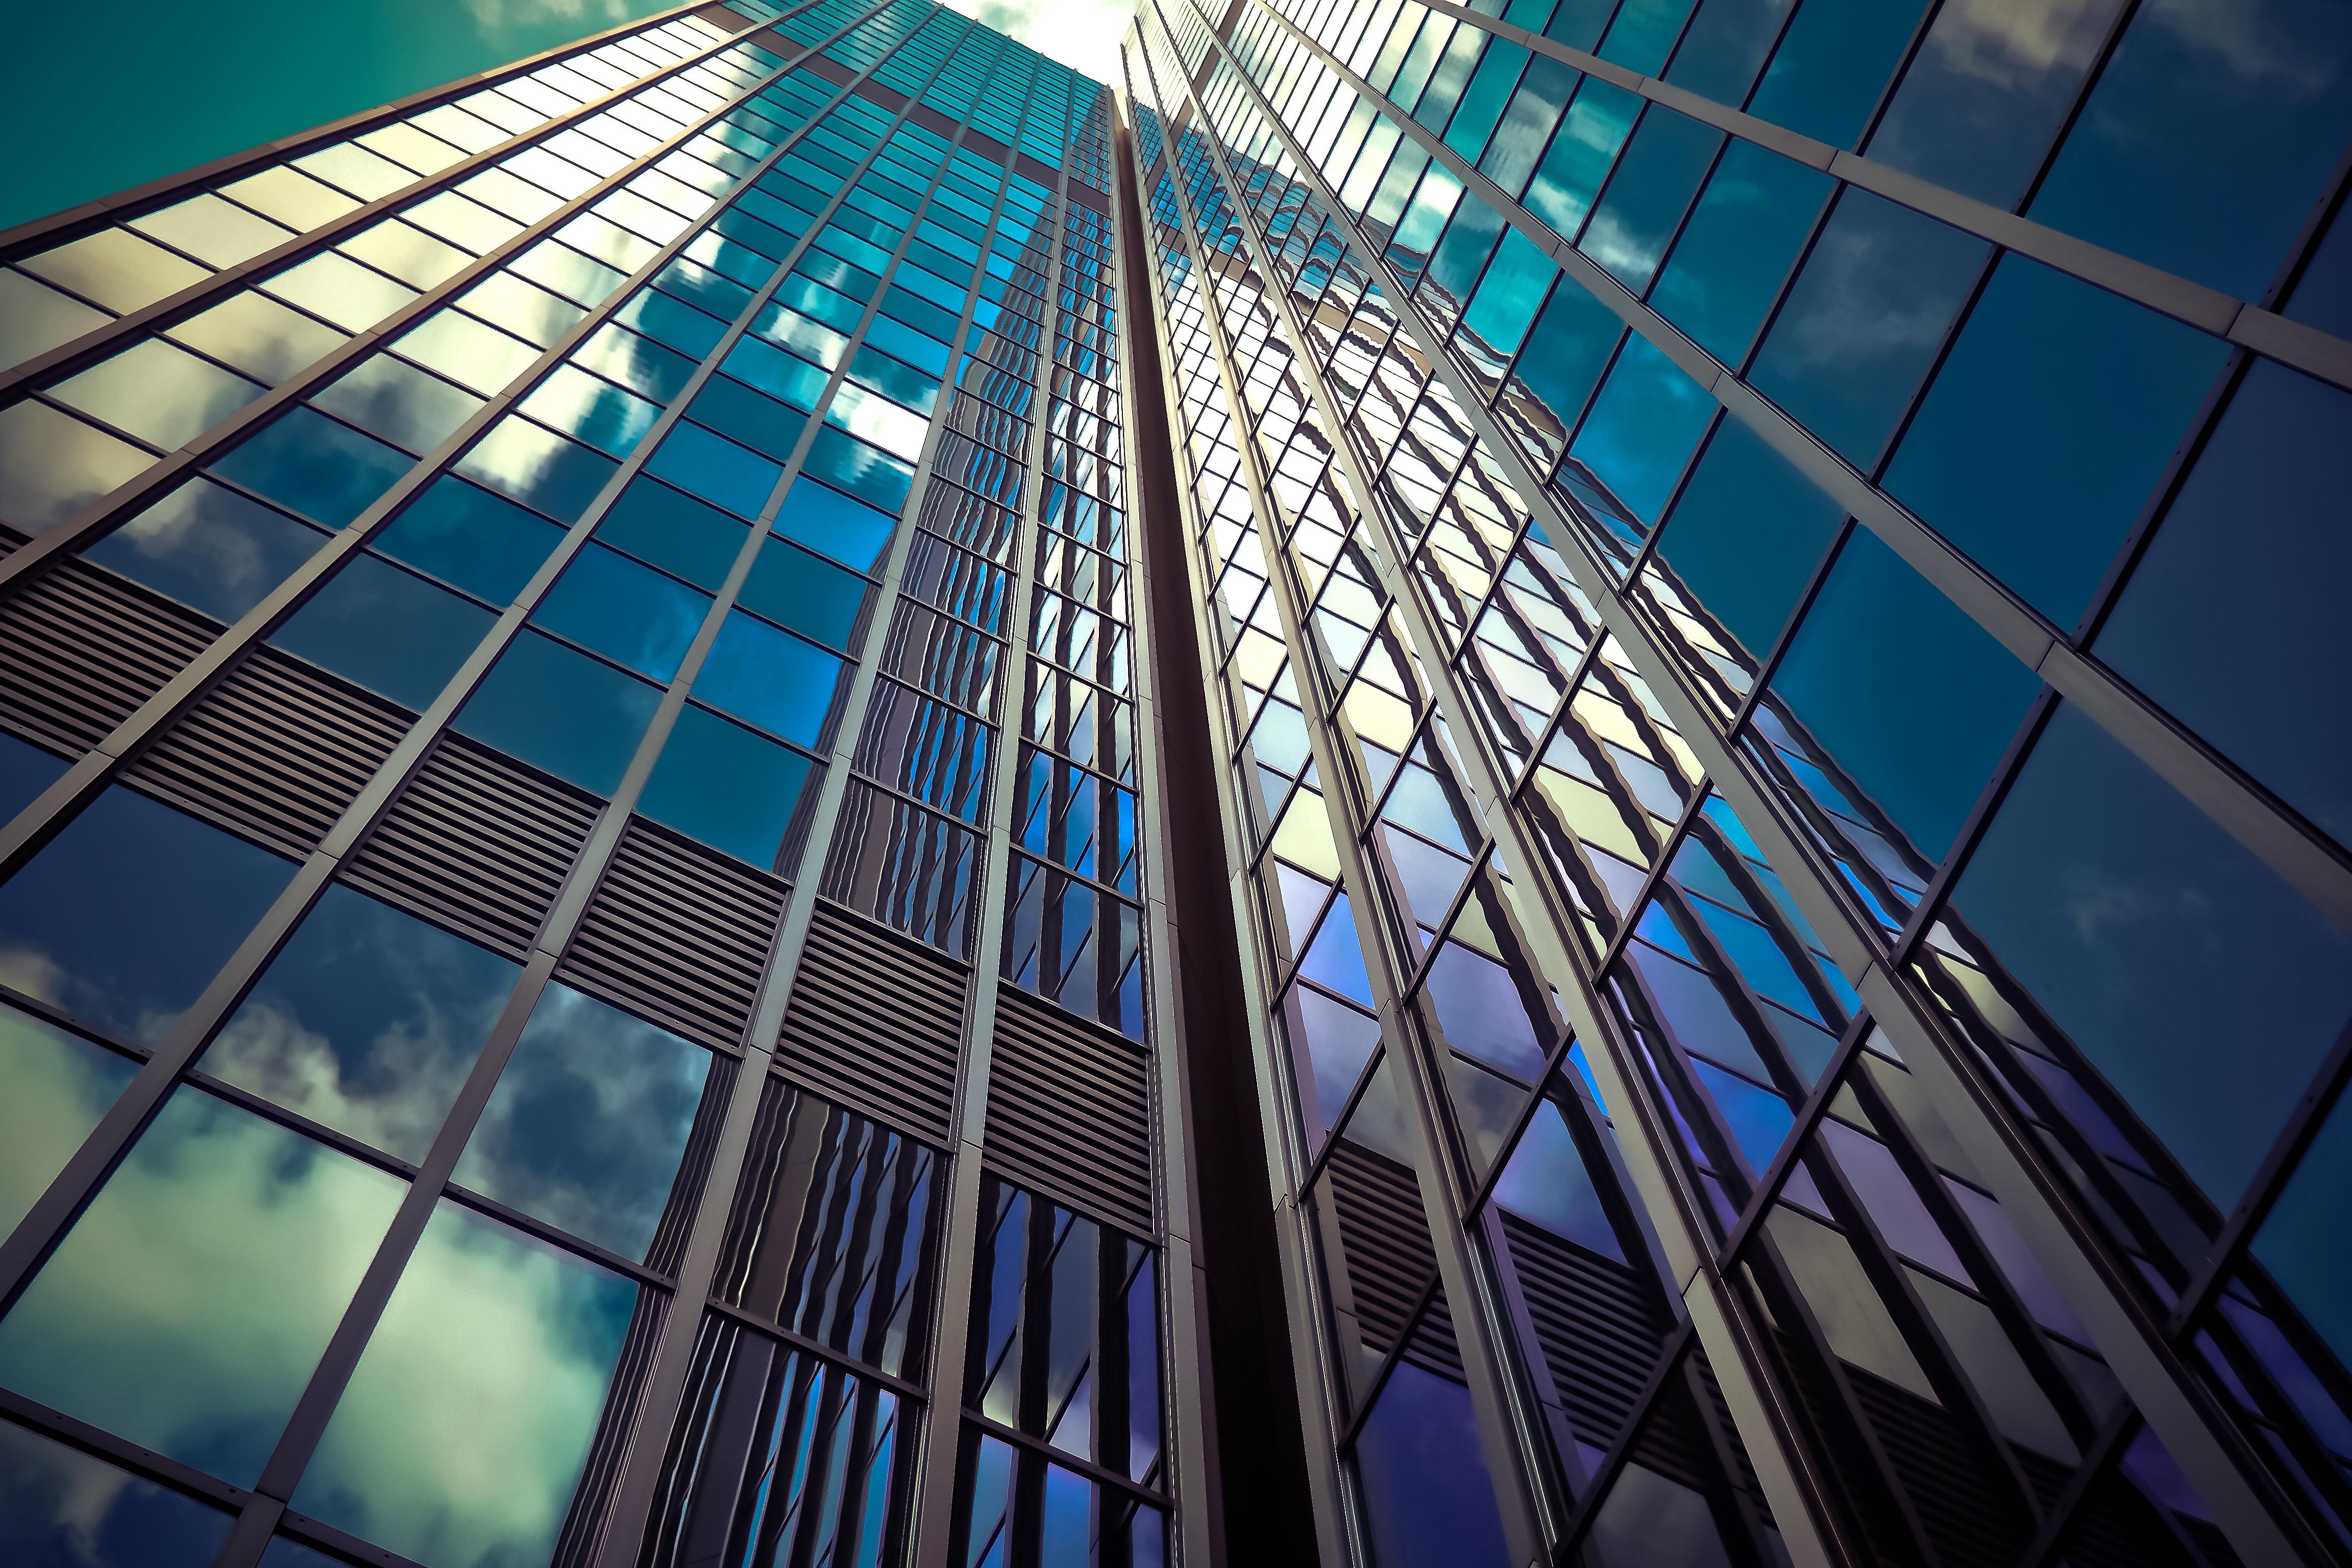 A glass facade of a building